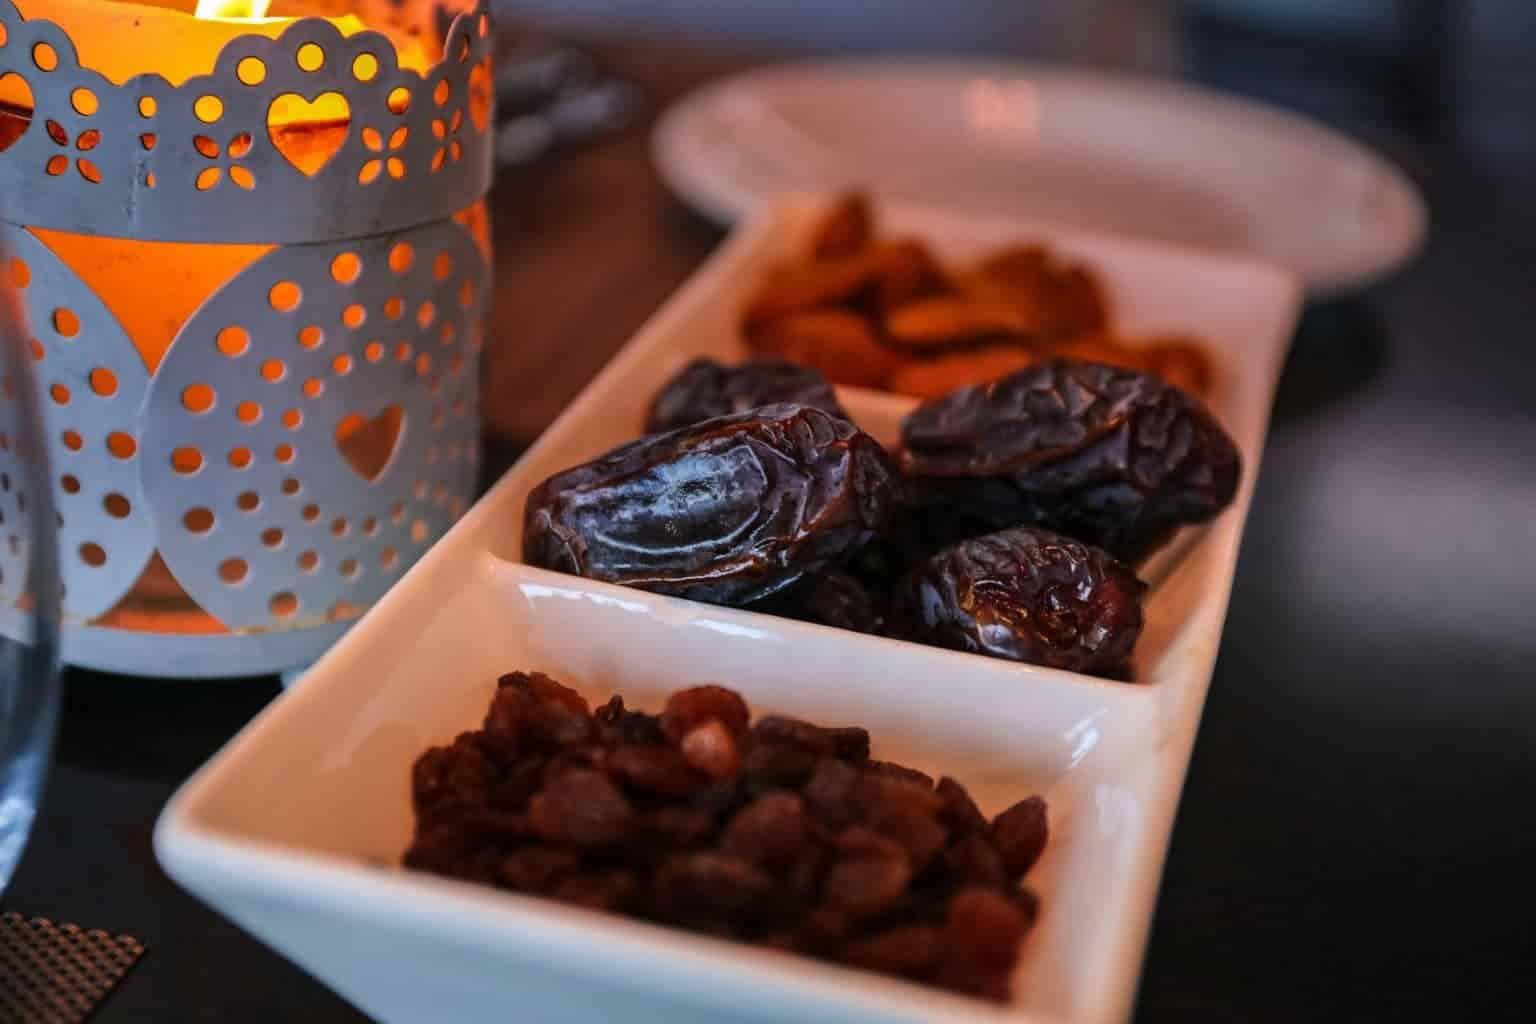 वजन बढ़ाने के लिए किशमिश कैसे खाएं - Weight badhane ke liye kishmish kaise khaye, किशमिश के फायदे, ड्राई फ्रूटस, वजन बढ़ना, अनीमिया से बचाव, Raisins benefits, Soaked raisins, Weight gain, Eye health ,स्वास्थ्य और फिटनेस, वजन, किशमिश के फायदे, किशमिश, weight gain, raisins for weight gain, kishmish khaane ke faayde, kishmish for weight gain in Hindi, Kishmish, benefits of raisin,